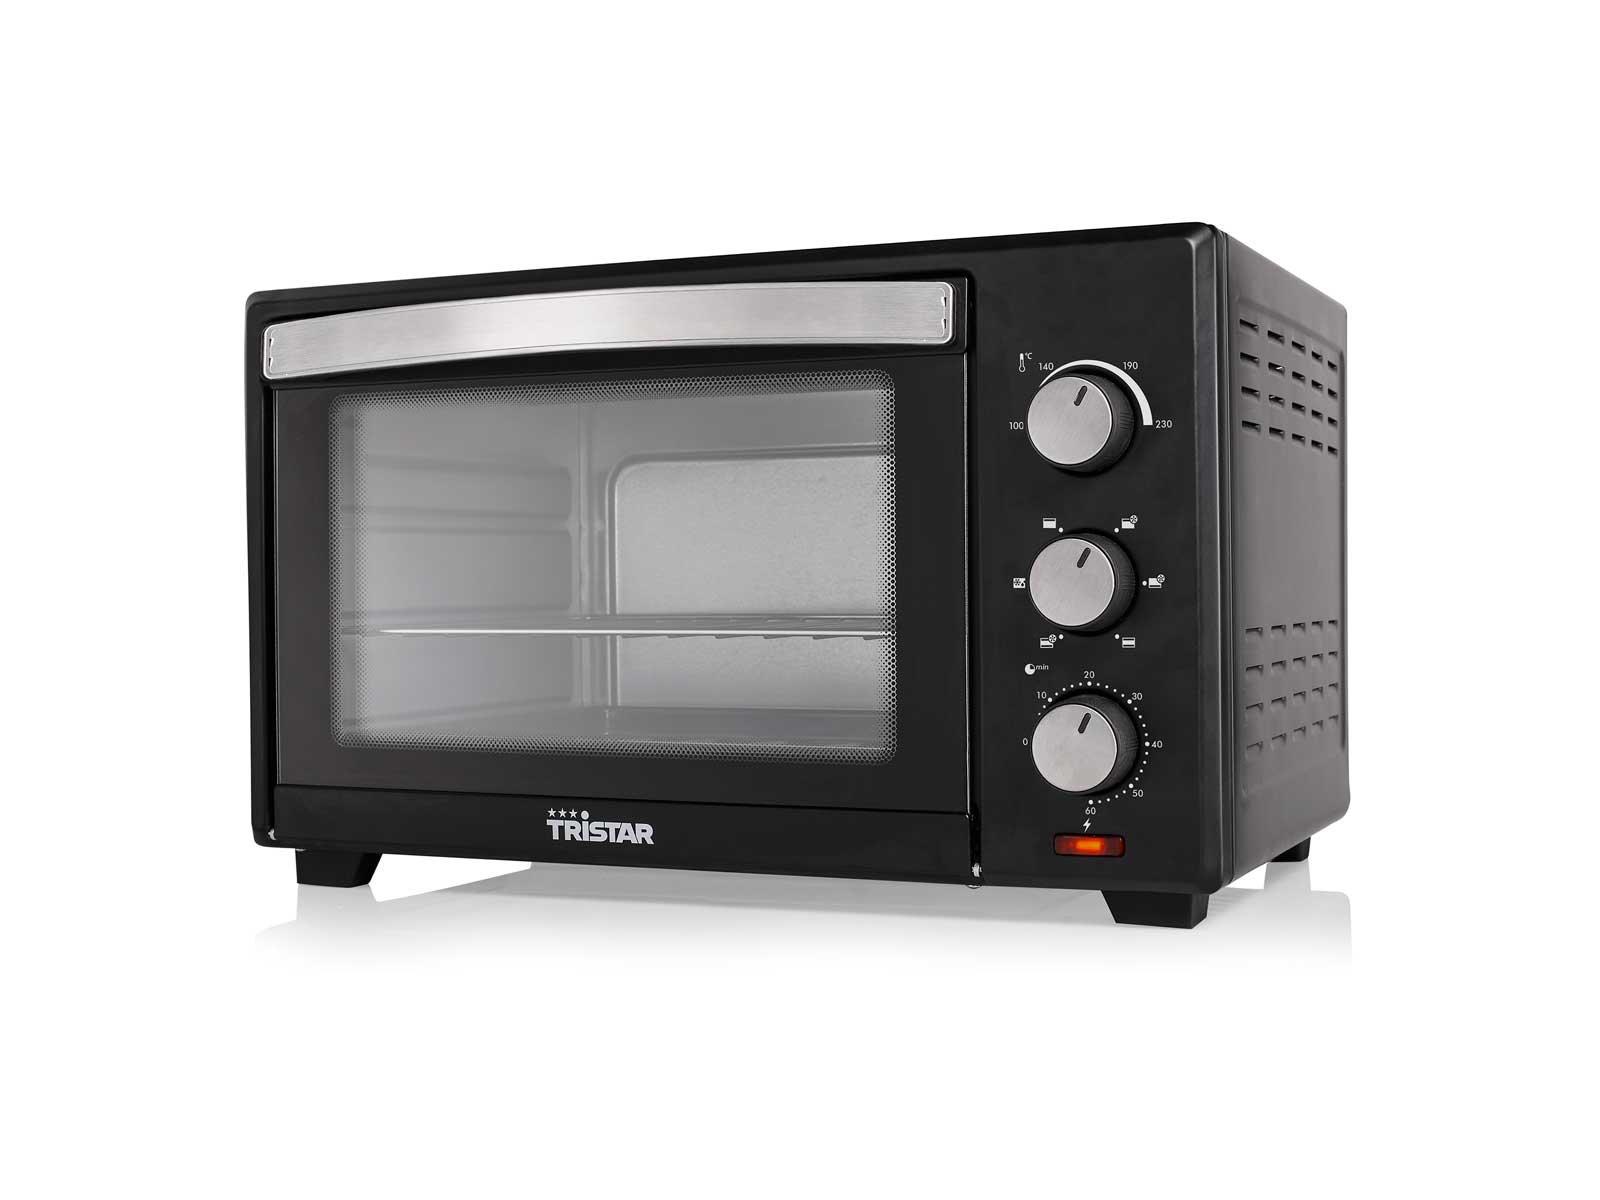 Fornetti elettrici mini forni a tutti gli effetti cose di casa - Forni per pizza elettrici per casa ...